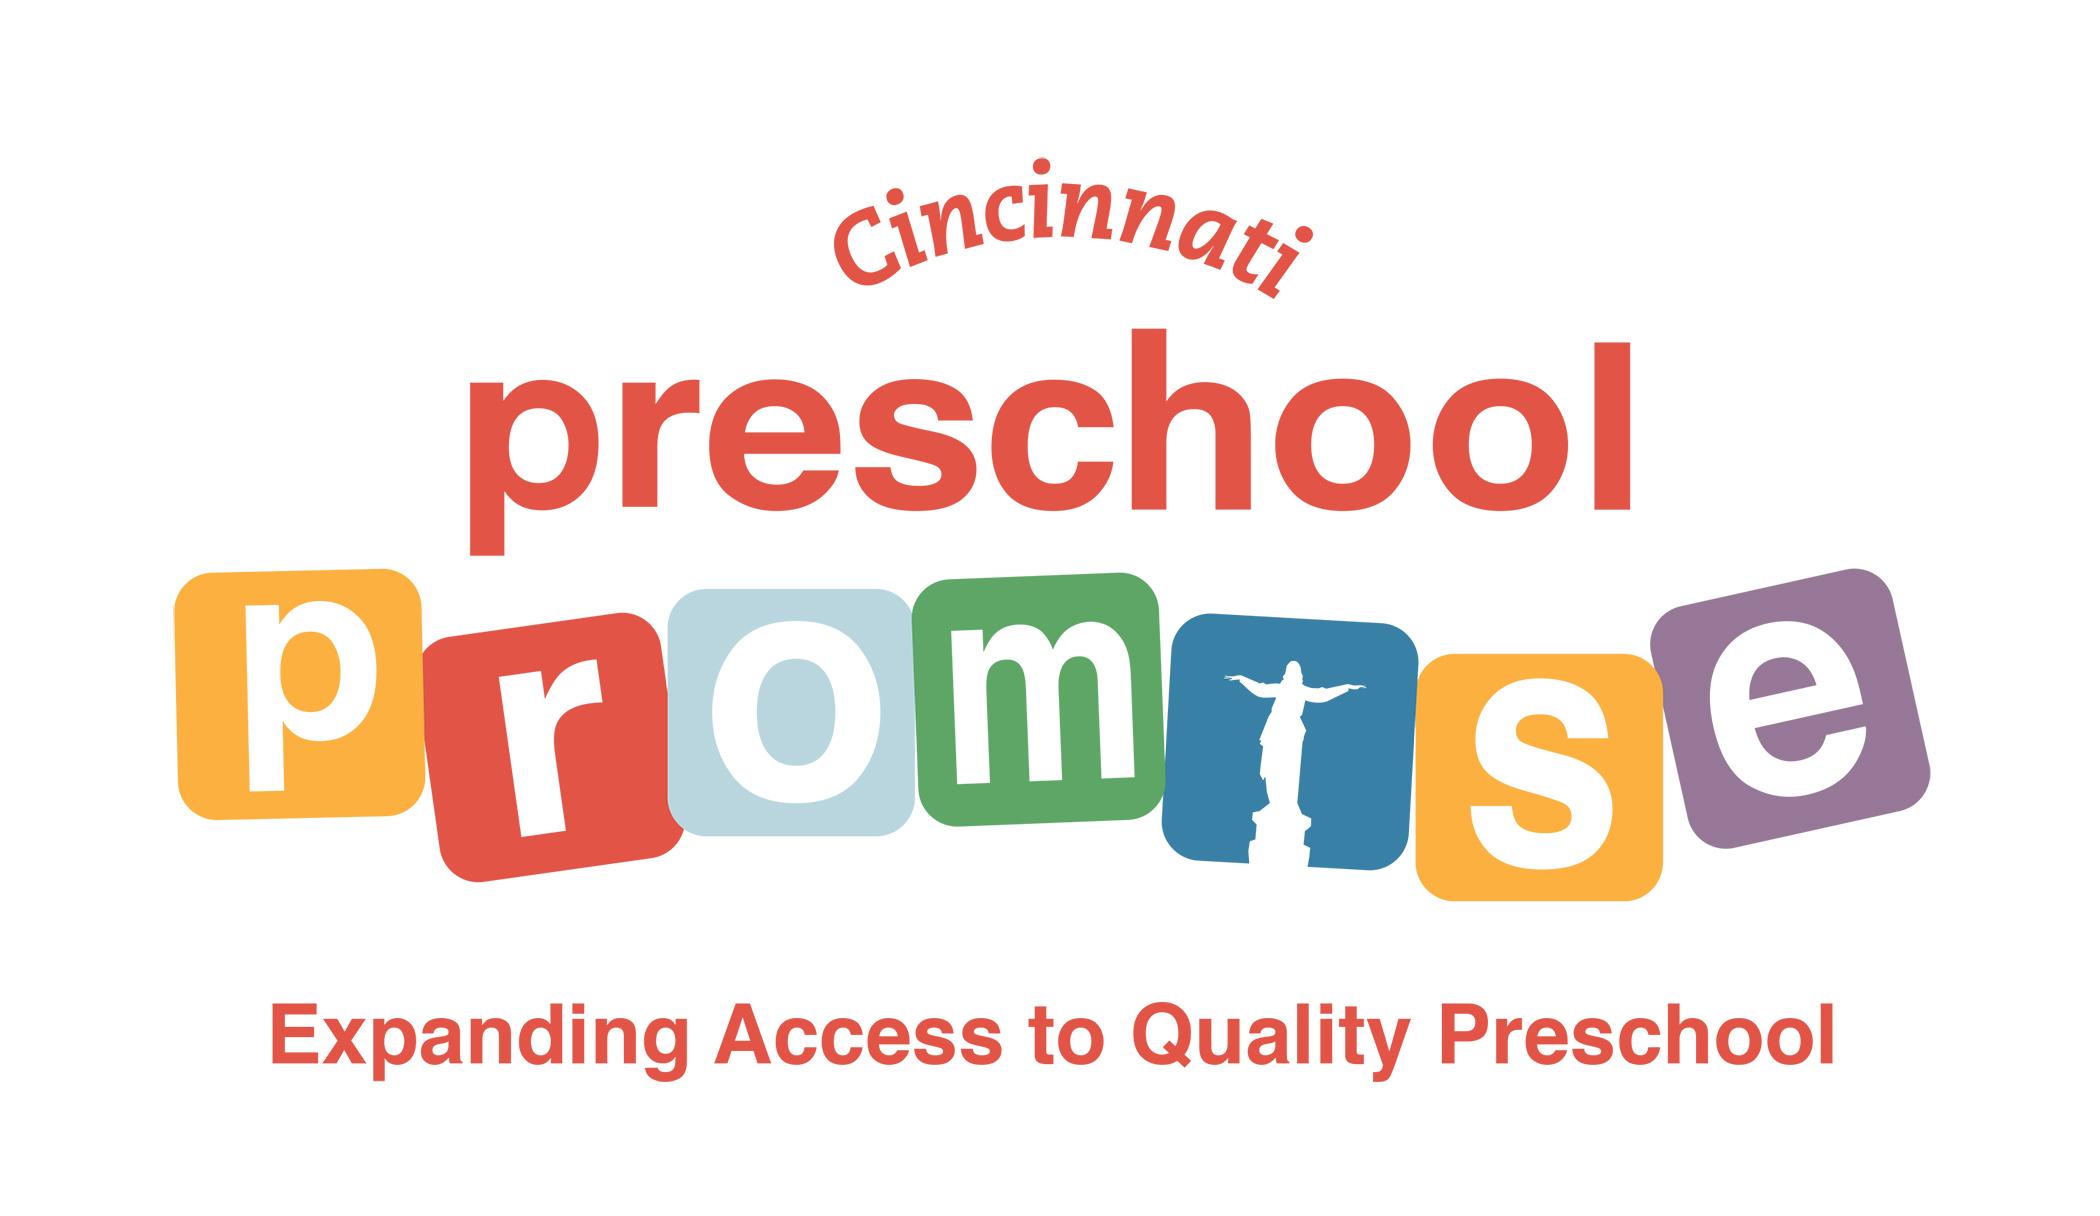 Cincinnati Preschool Promise